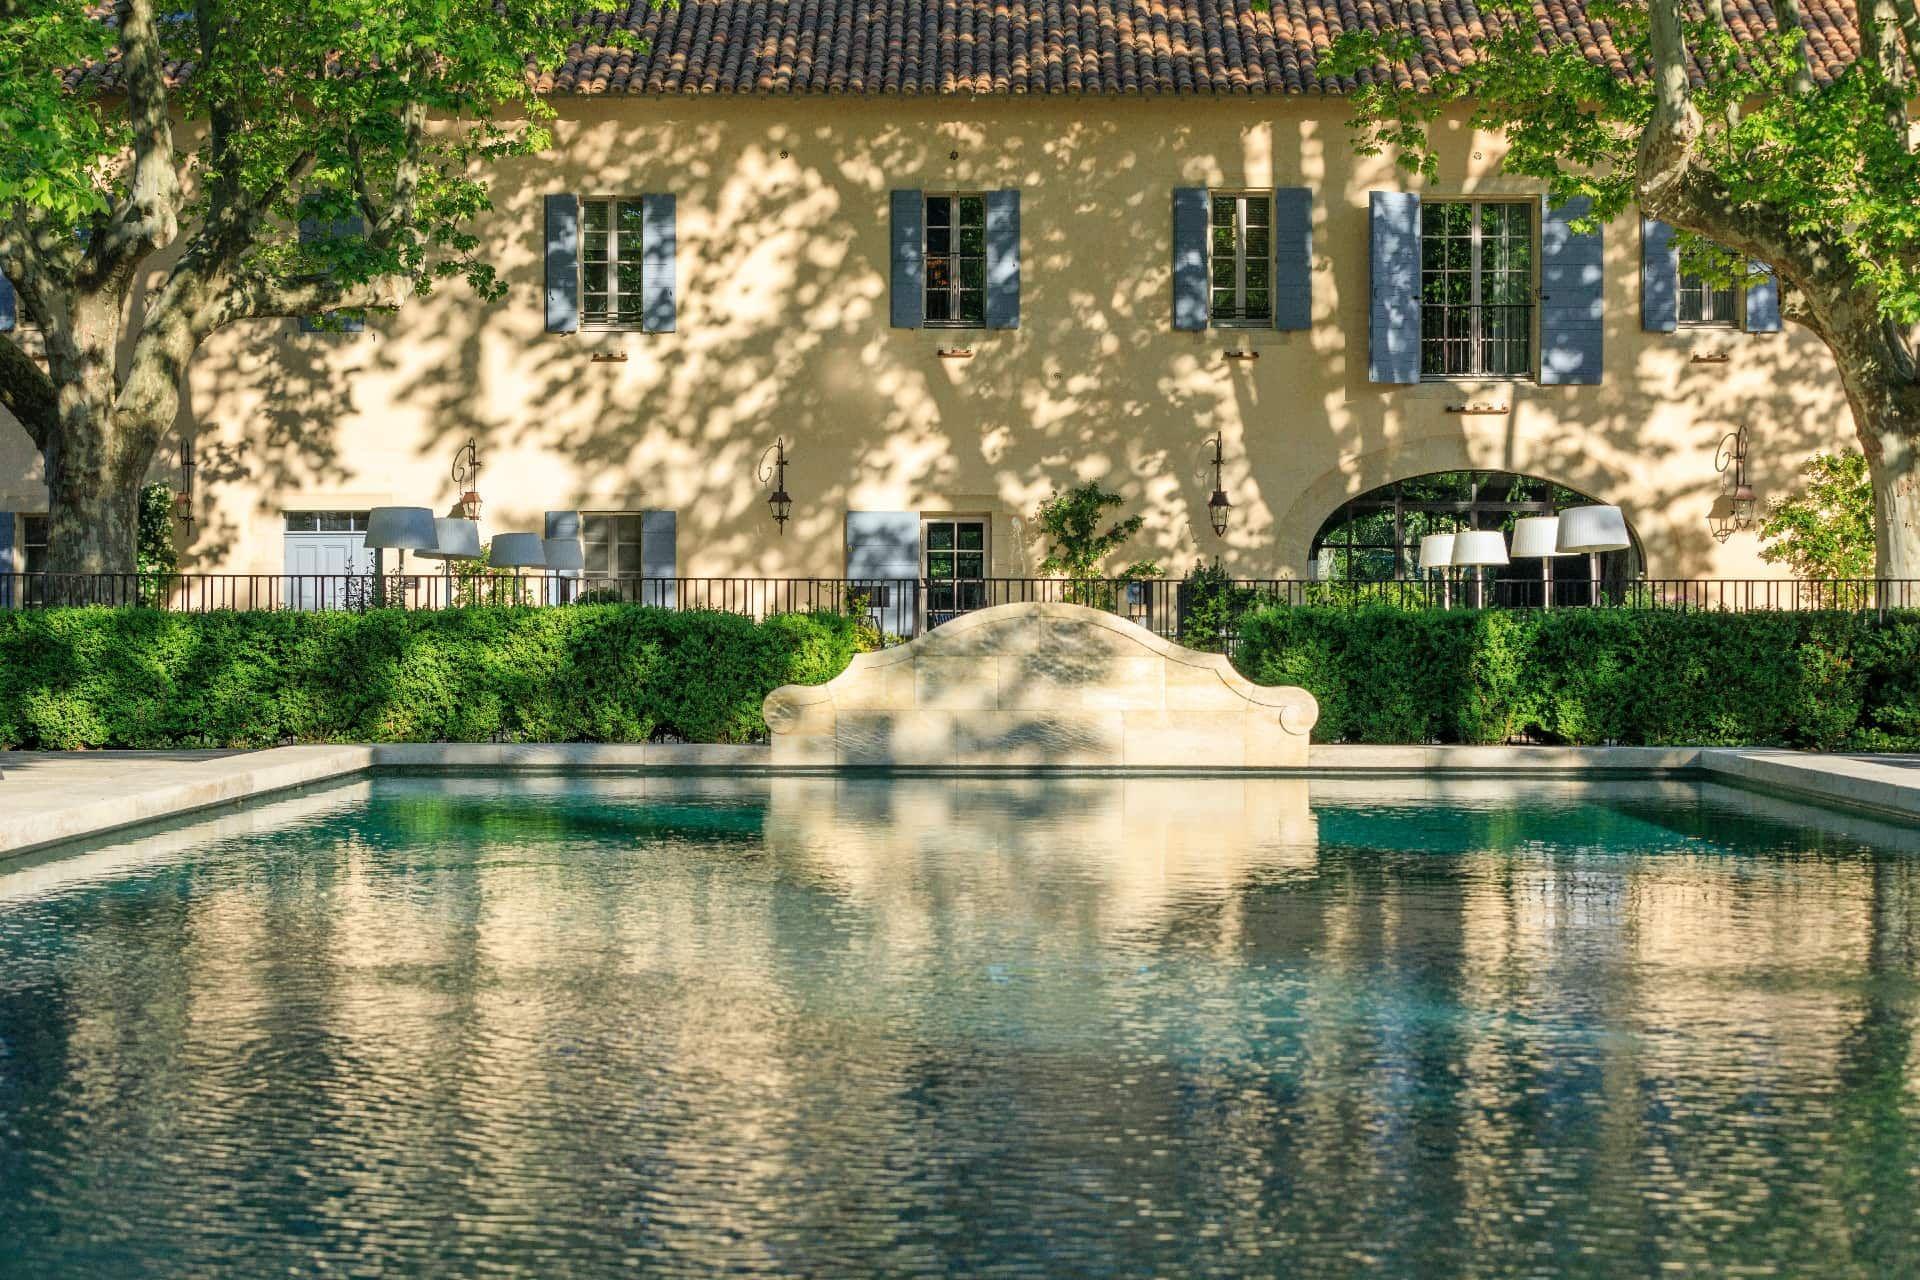 Exterior Pool View - Domaine De Manville